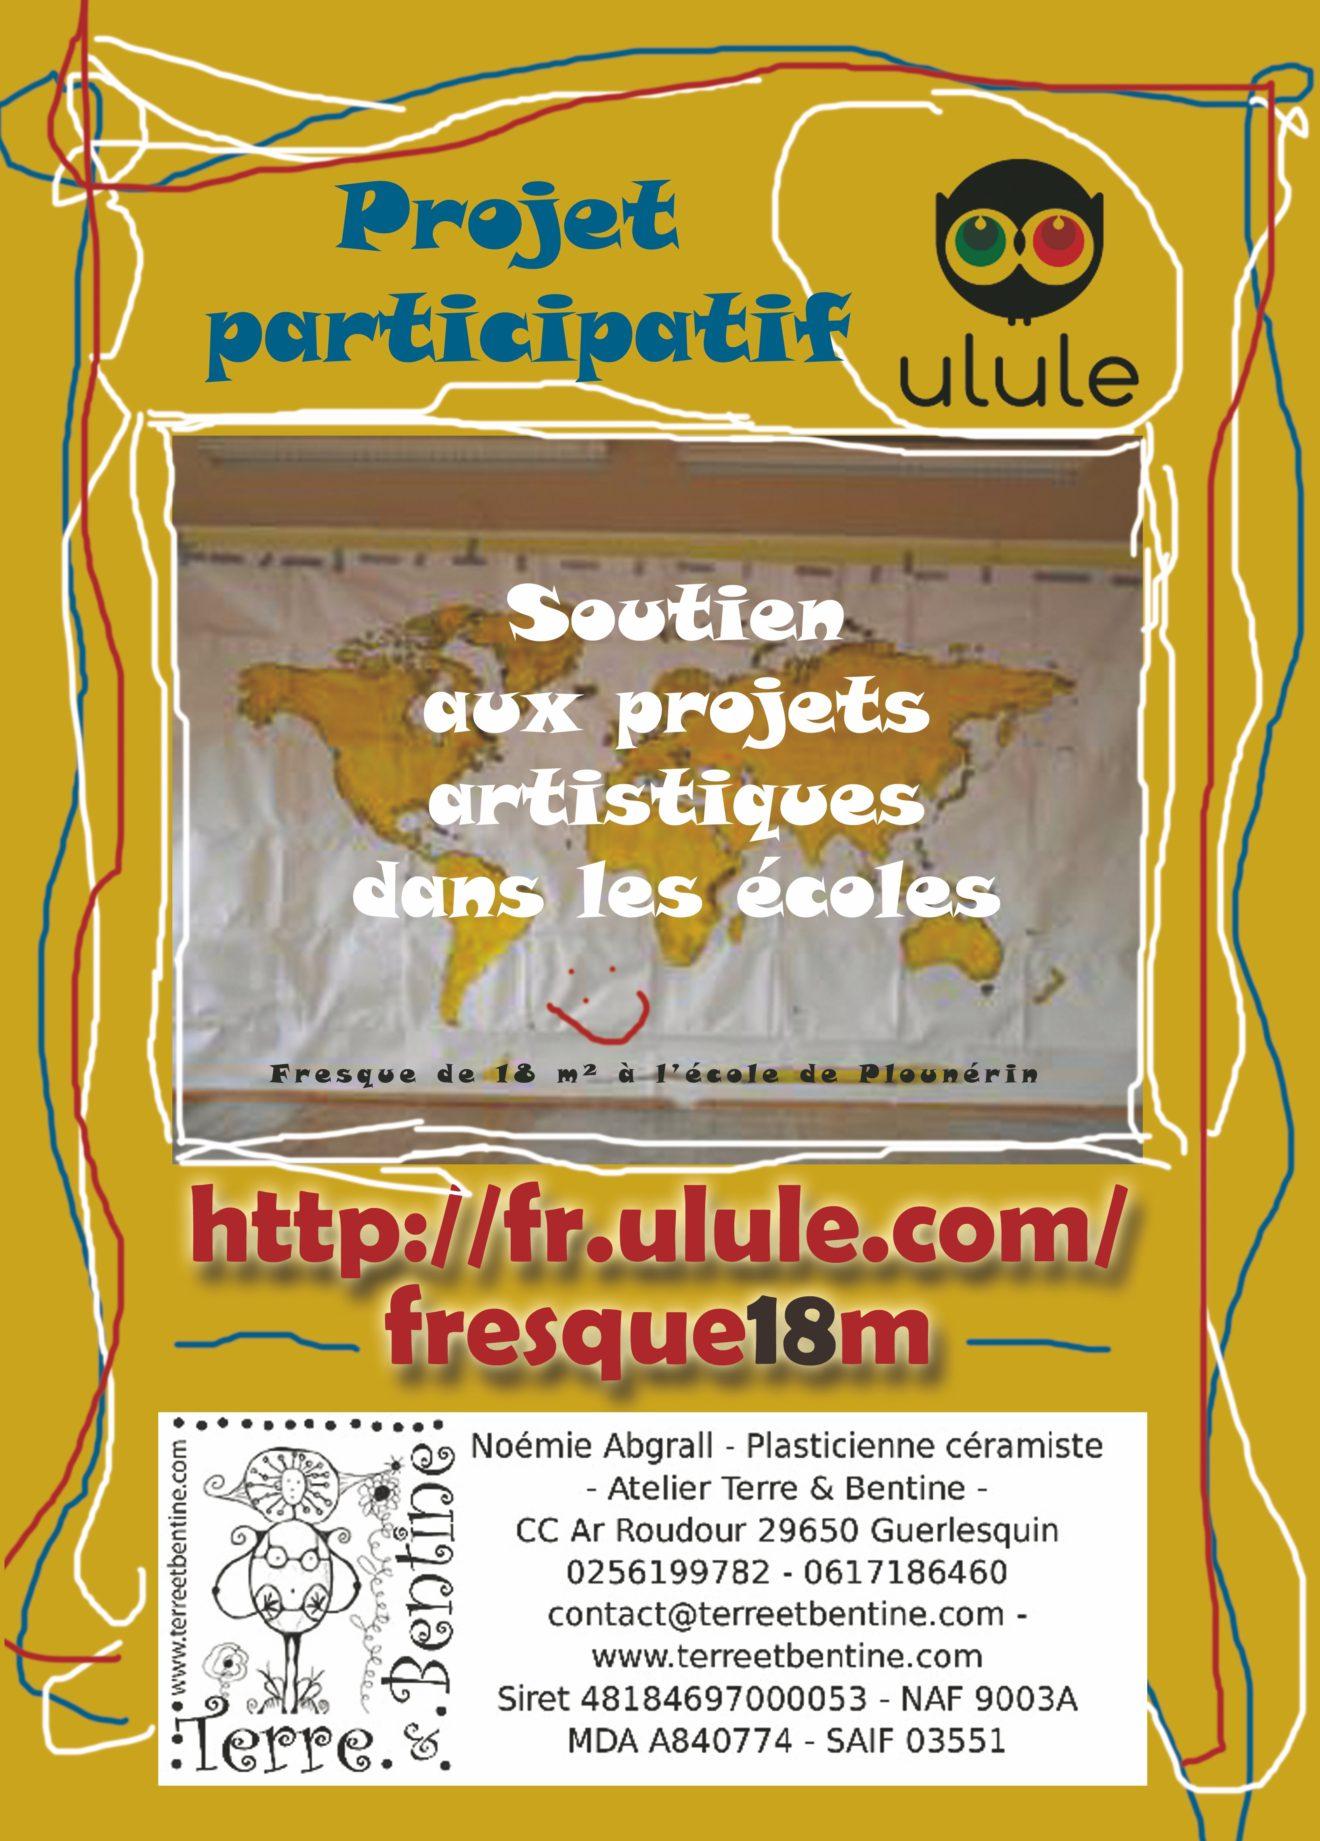 FINANCEMENT PARTICIPATIF: Soutien aux projets artistiques dans les écoles jusqu'au 7 septembre 2018